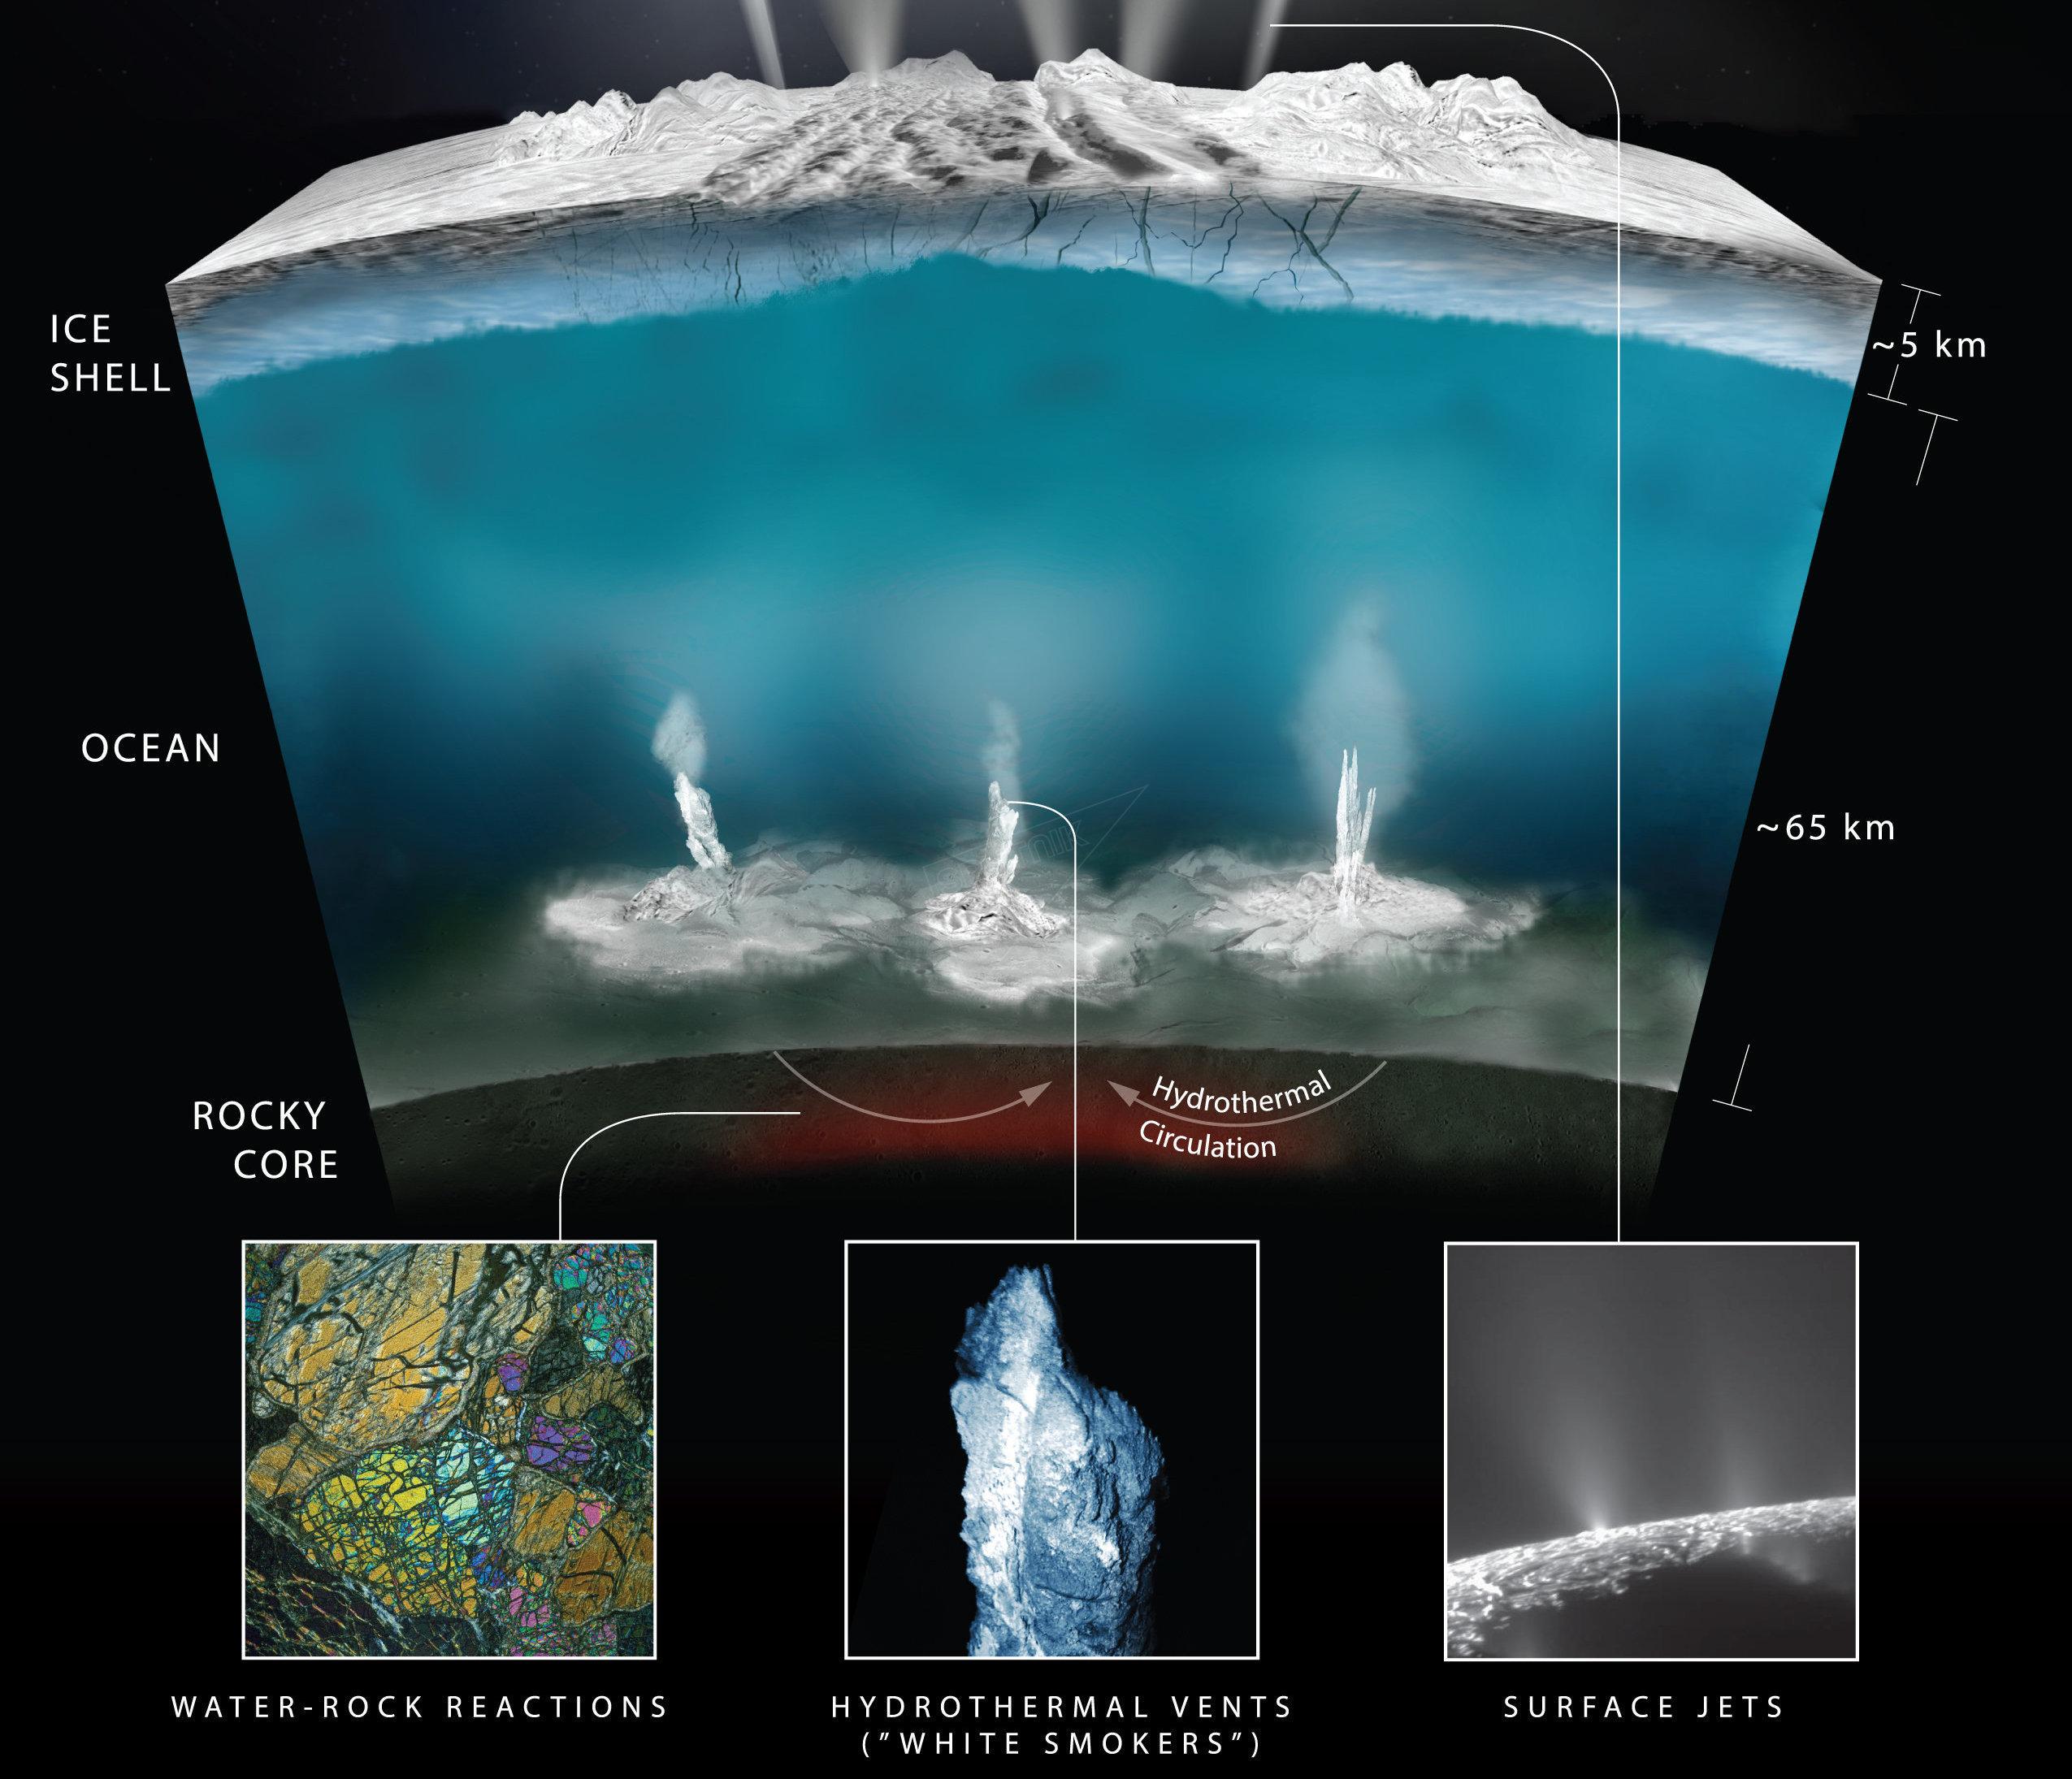 Este gráfico ilustra como os cientistas responsáveis pela Cassini imaginam a interação da água com a rocha no fundo do oceano da lua gelada de Saturno, Encélado, produzindo gás de hidrogênio.